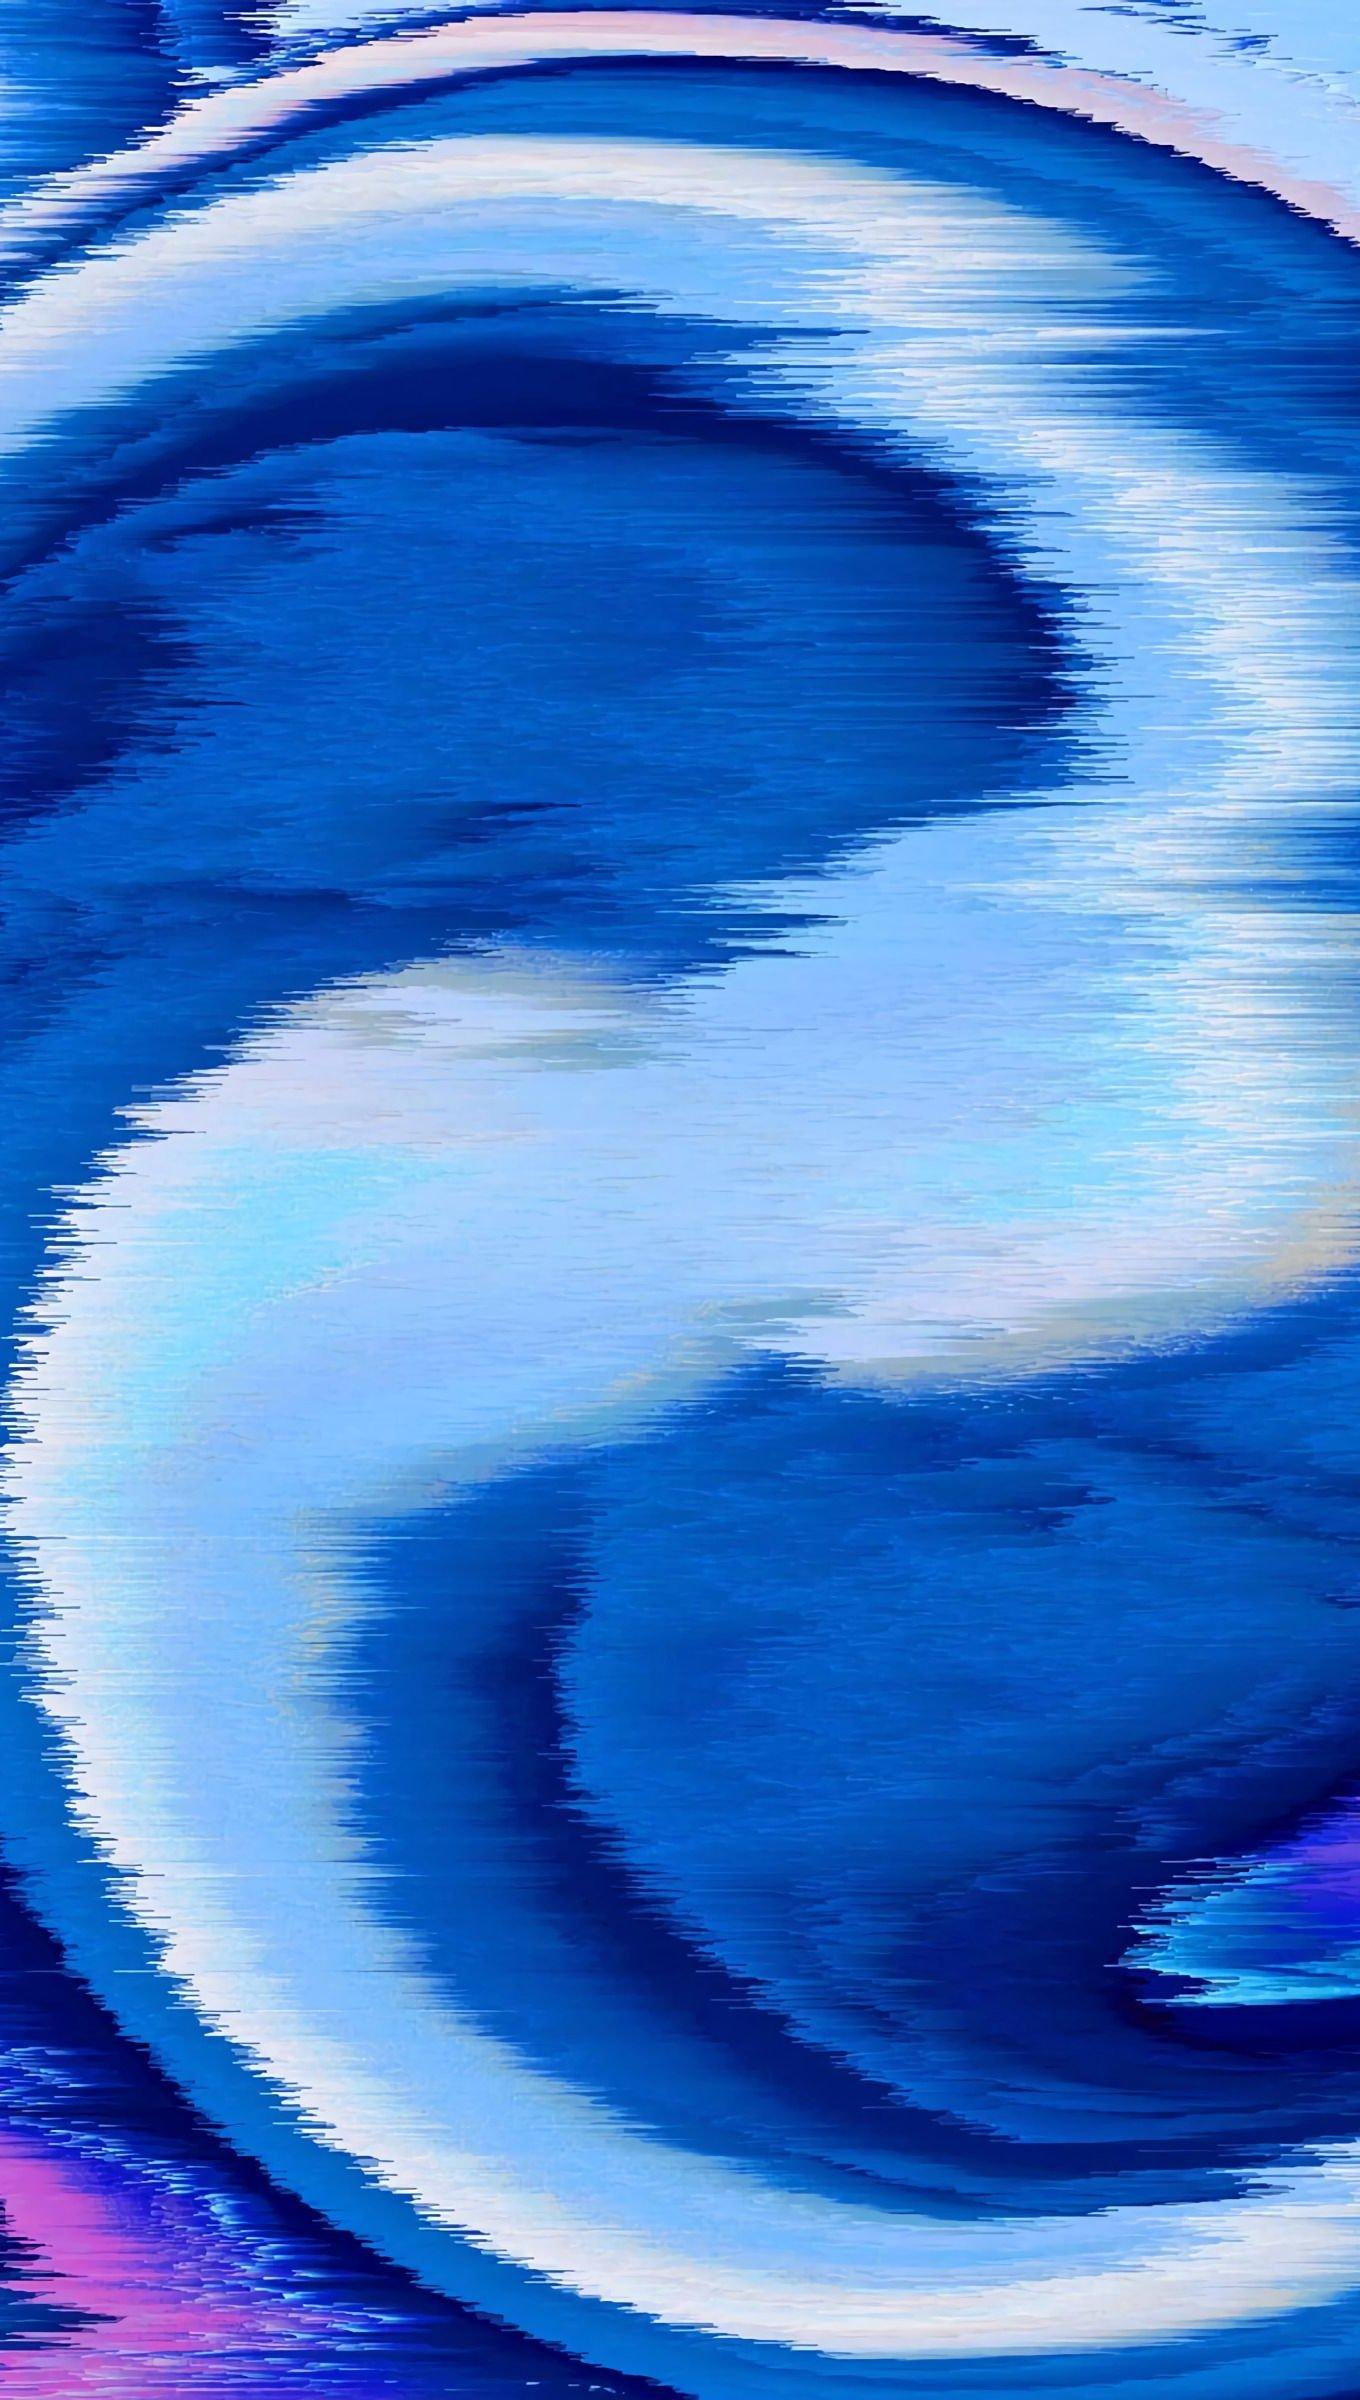 Fondos de pantalla Interferencia en espiral azul Vertical